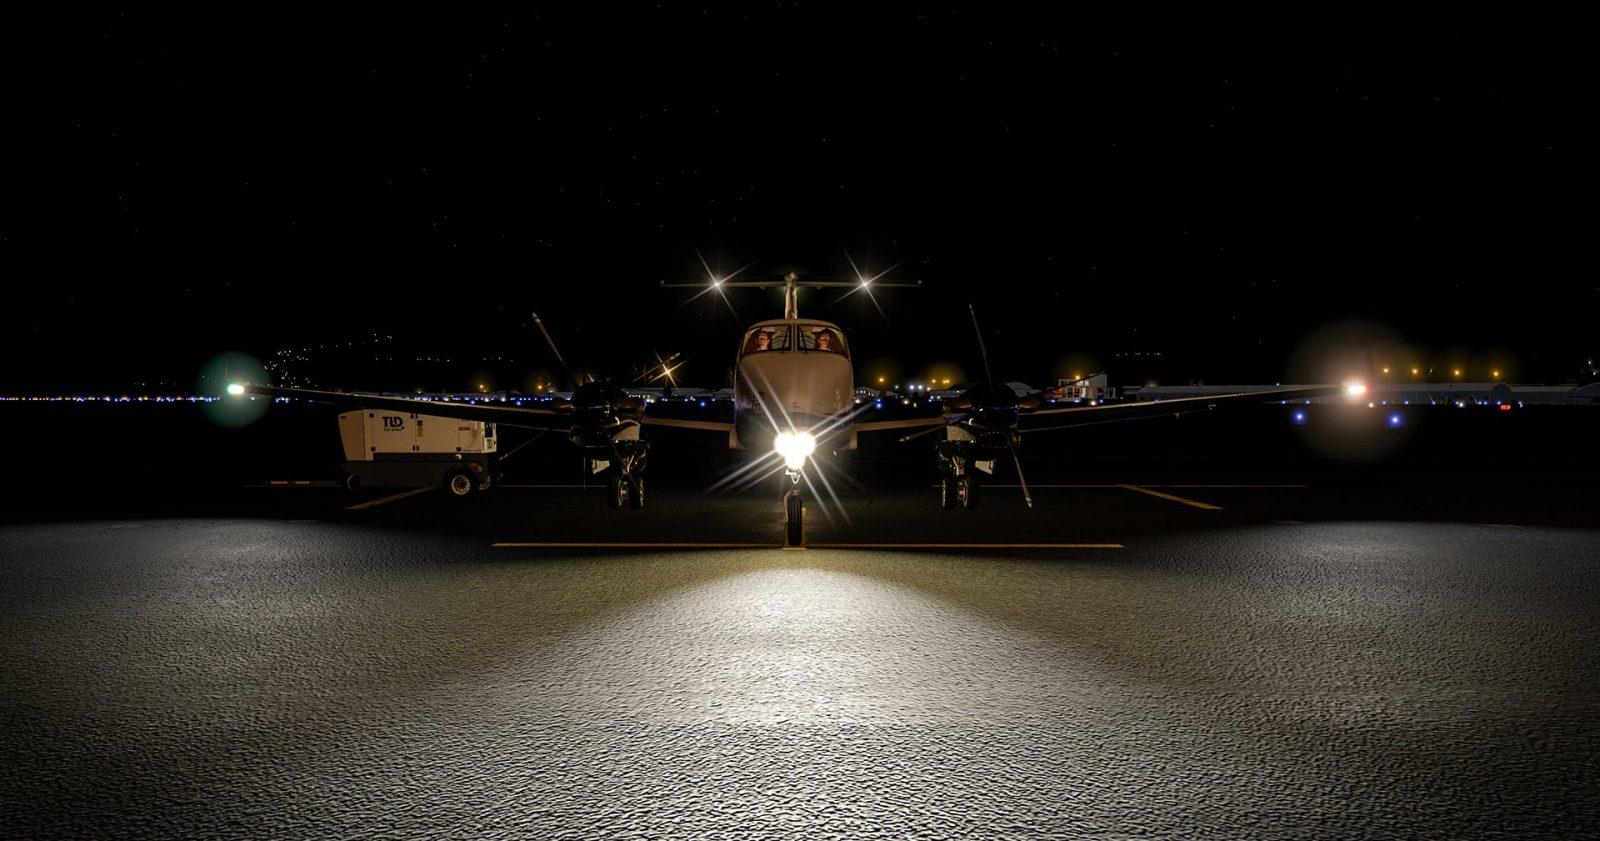 airfoillabs-king-air-350-19-1600x841.jpg